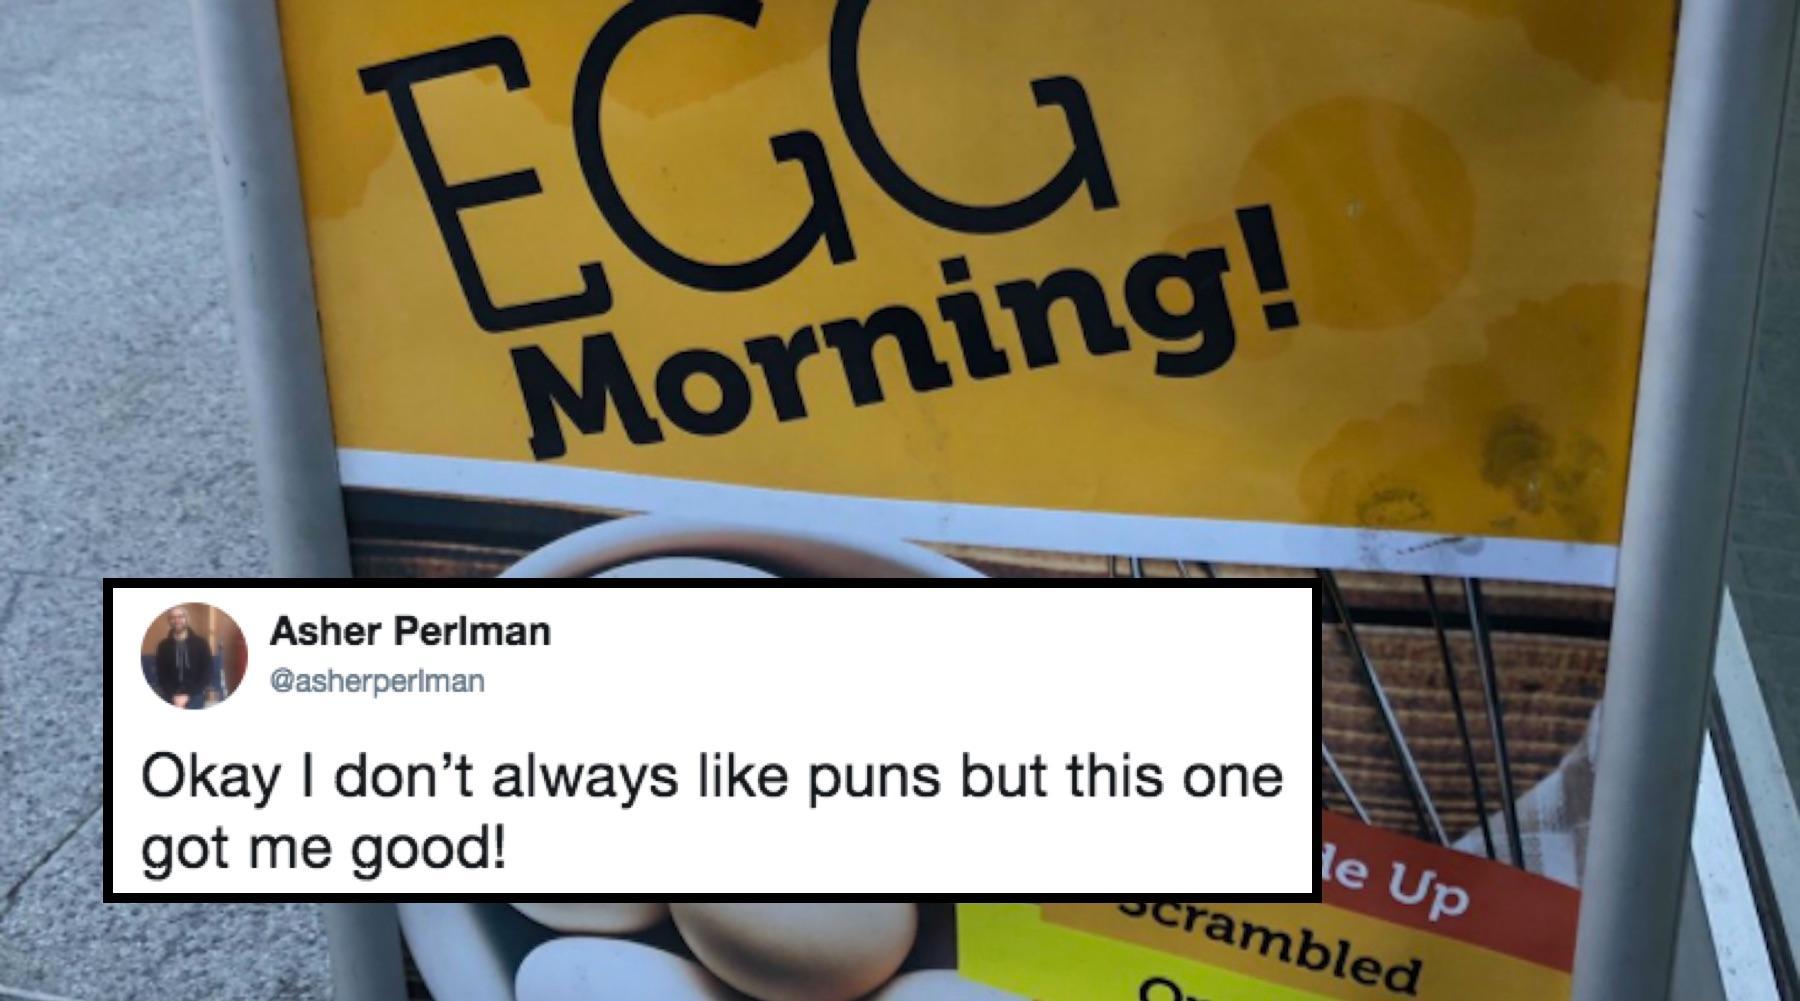 eggmorning-1518706759870.jpg